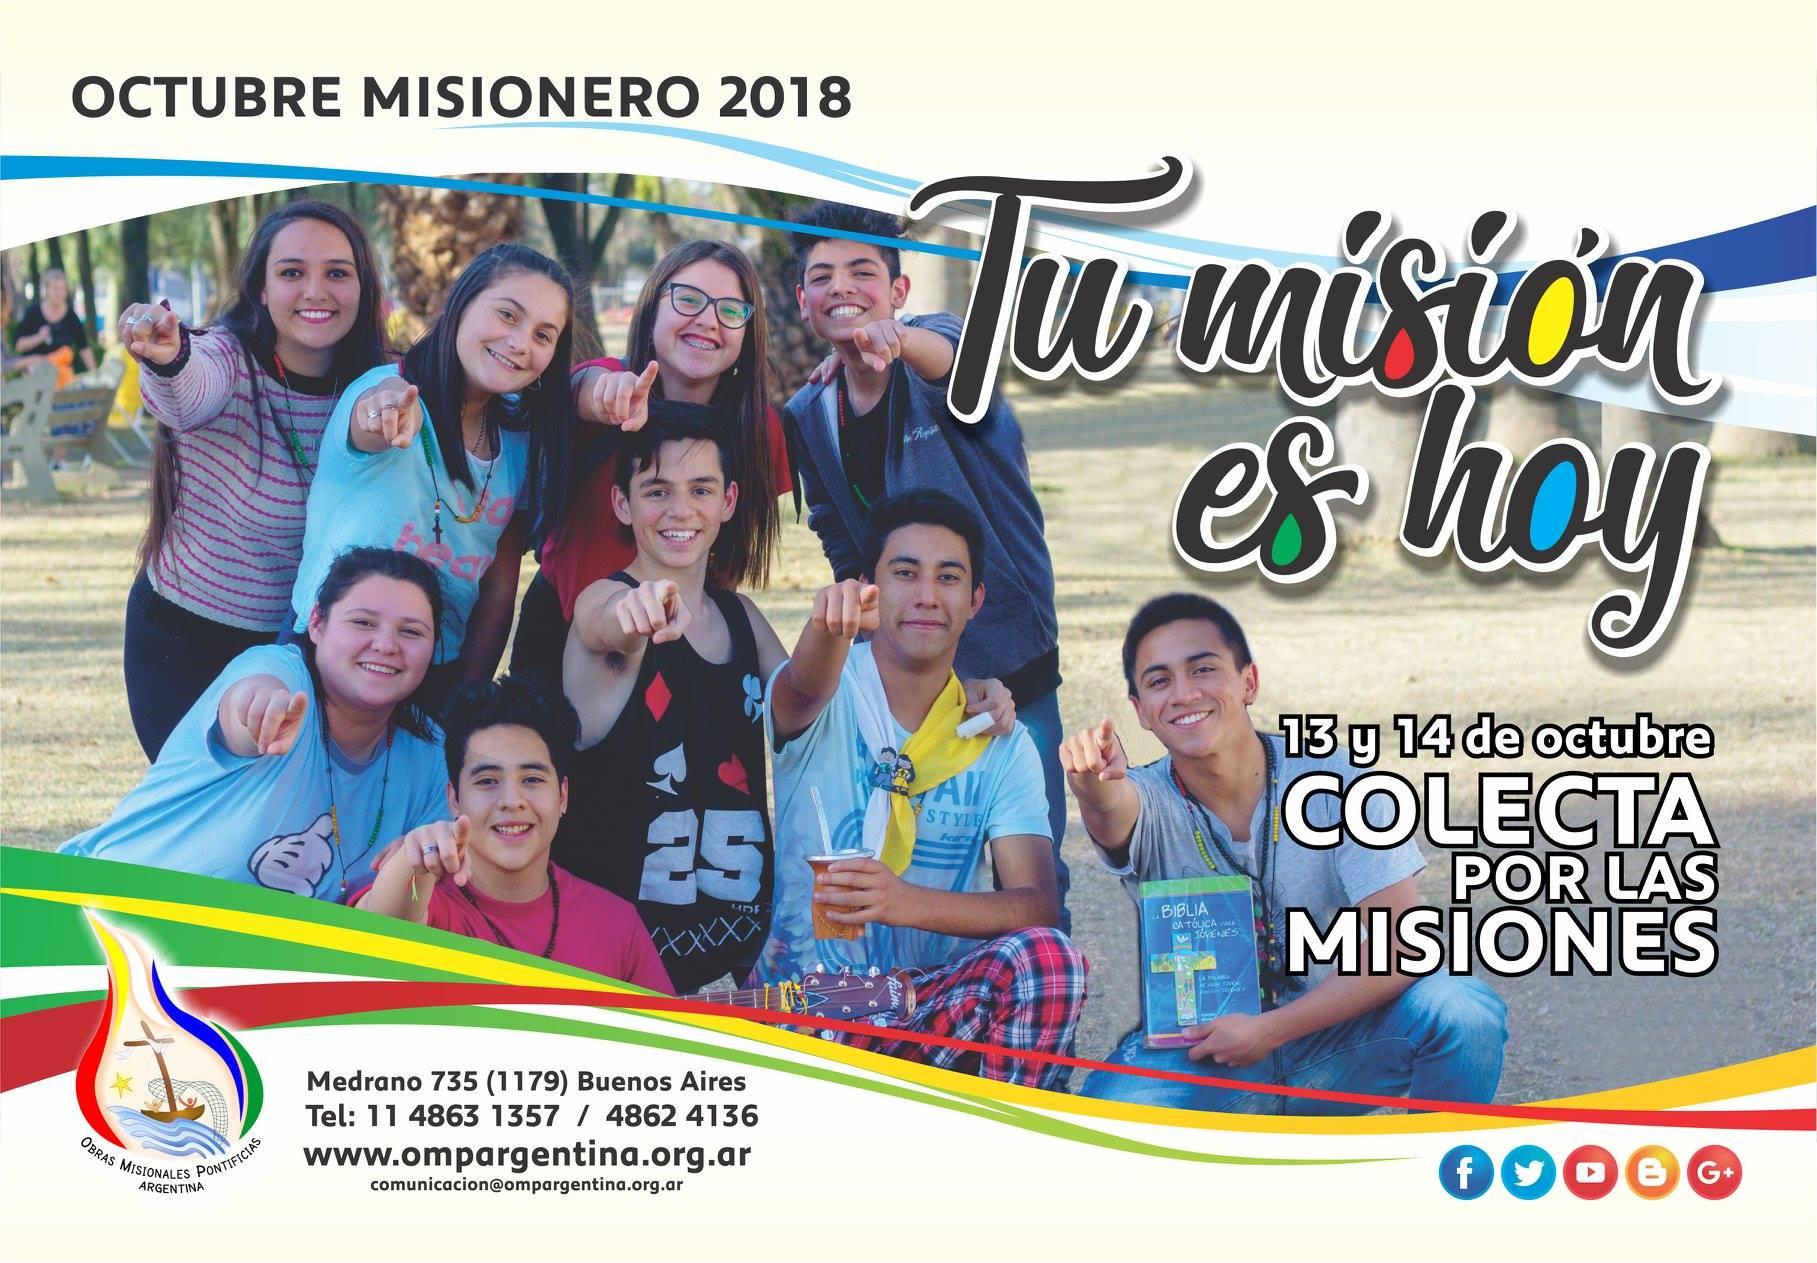 13 y 14 de octubre: Colecta por las Misiones